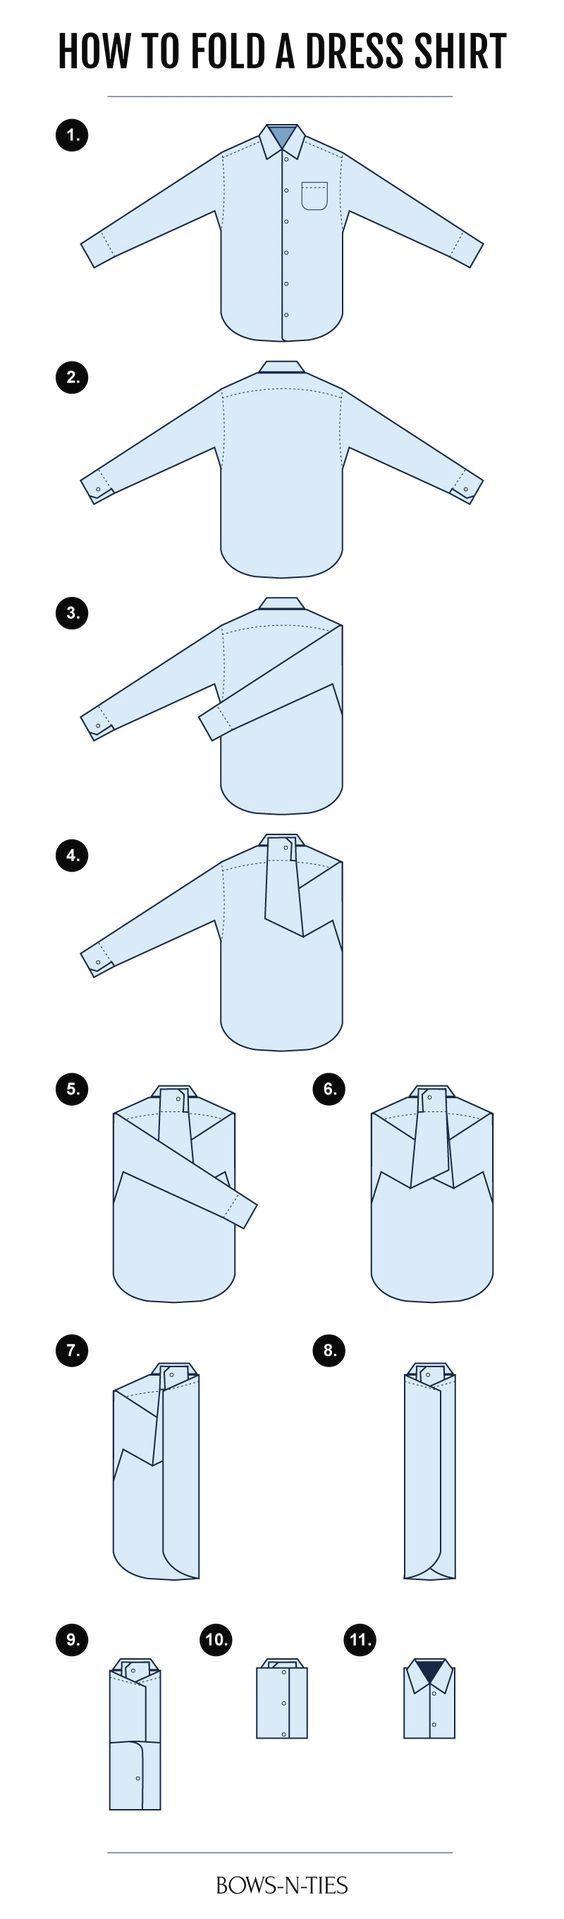 Fasion Tipps. Es gibt einige grundlegende Richtlinien in der Mode, die Ihnen helfen können